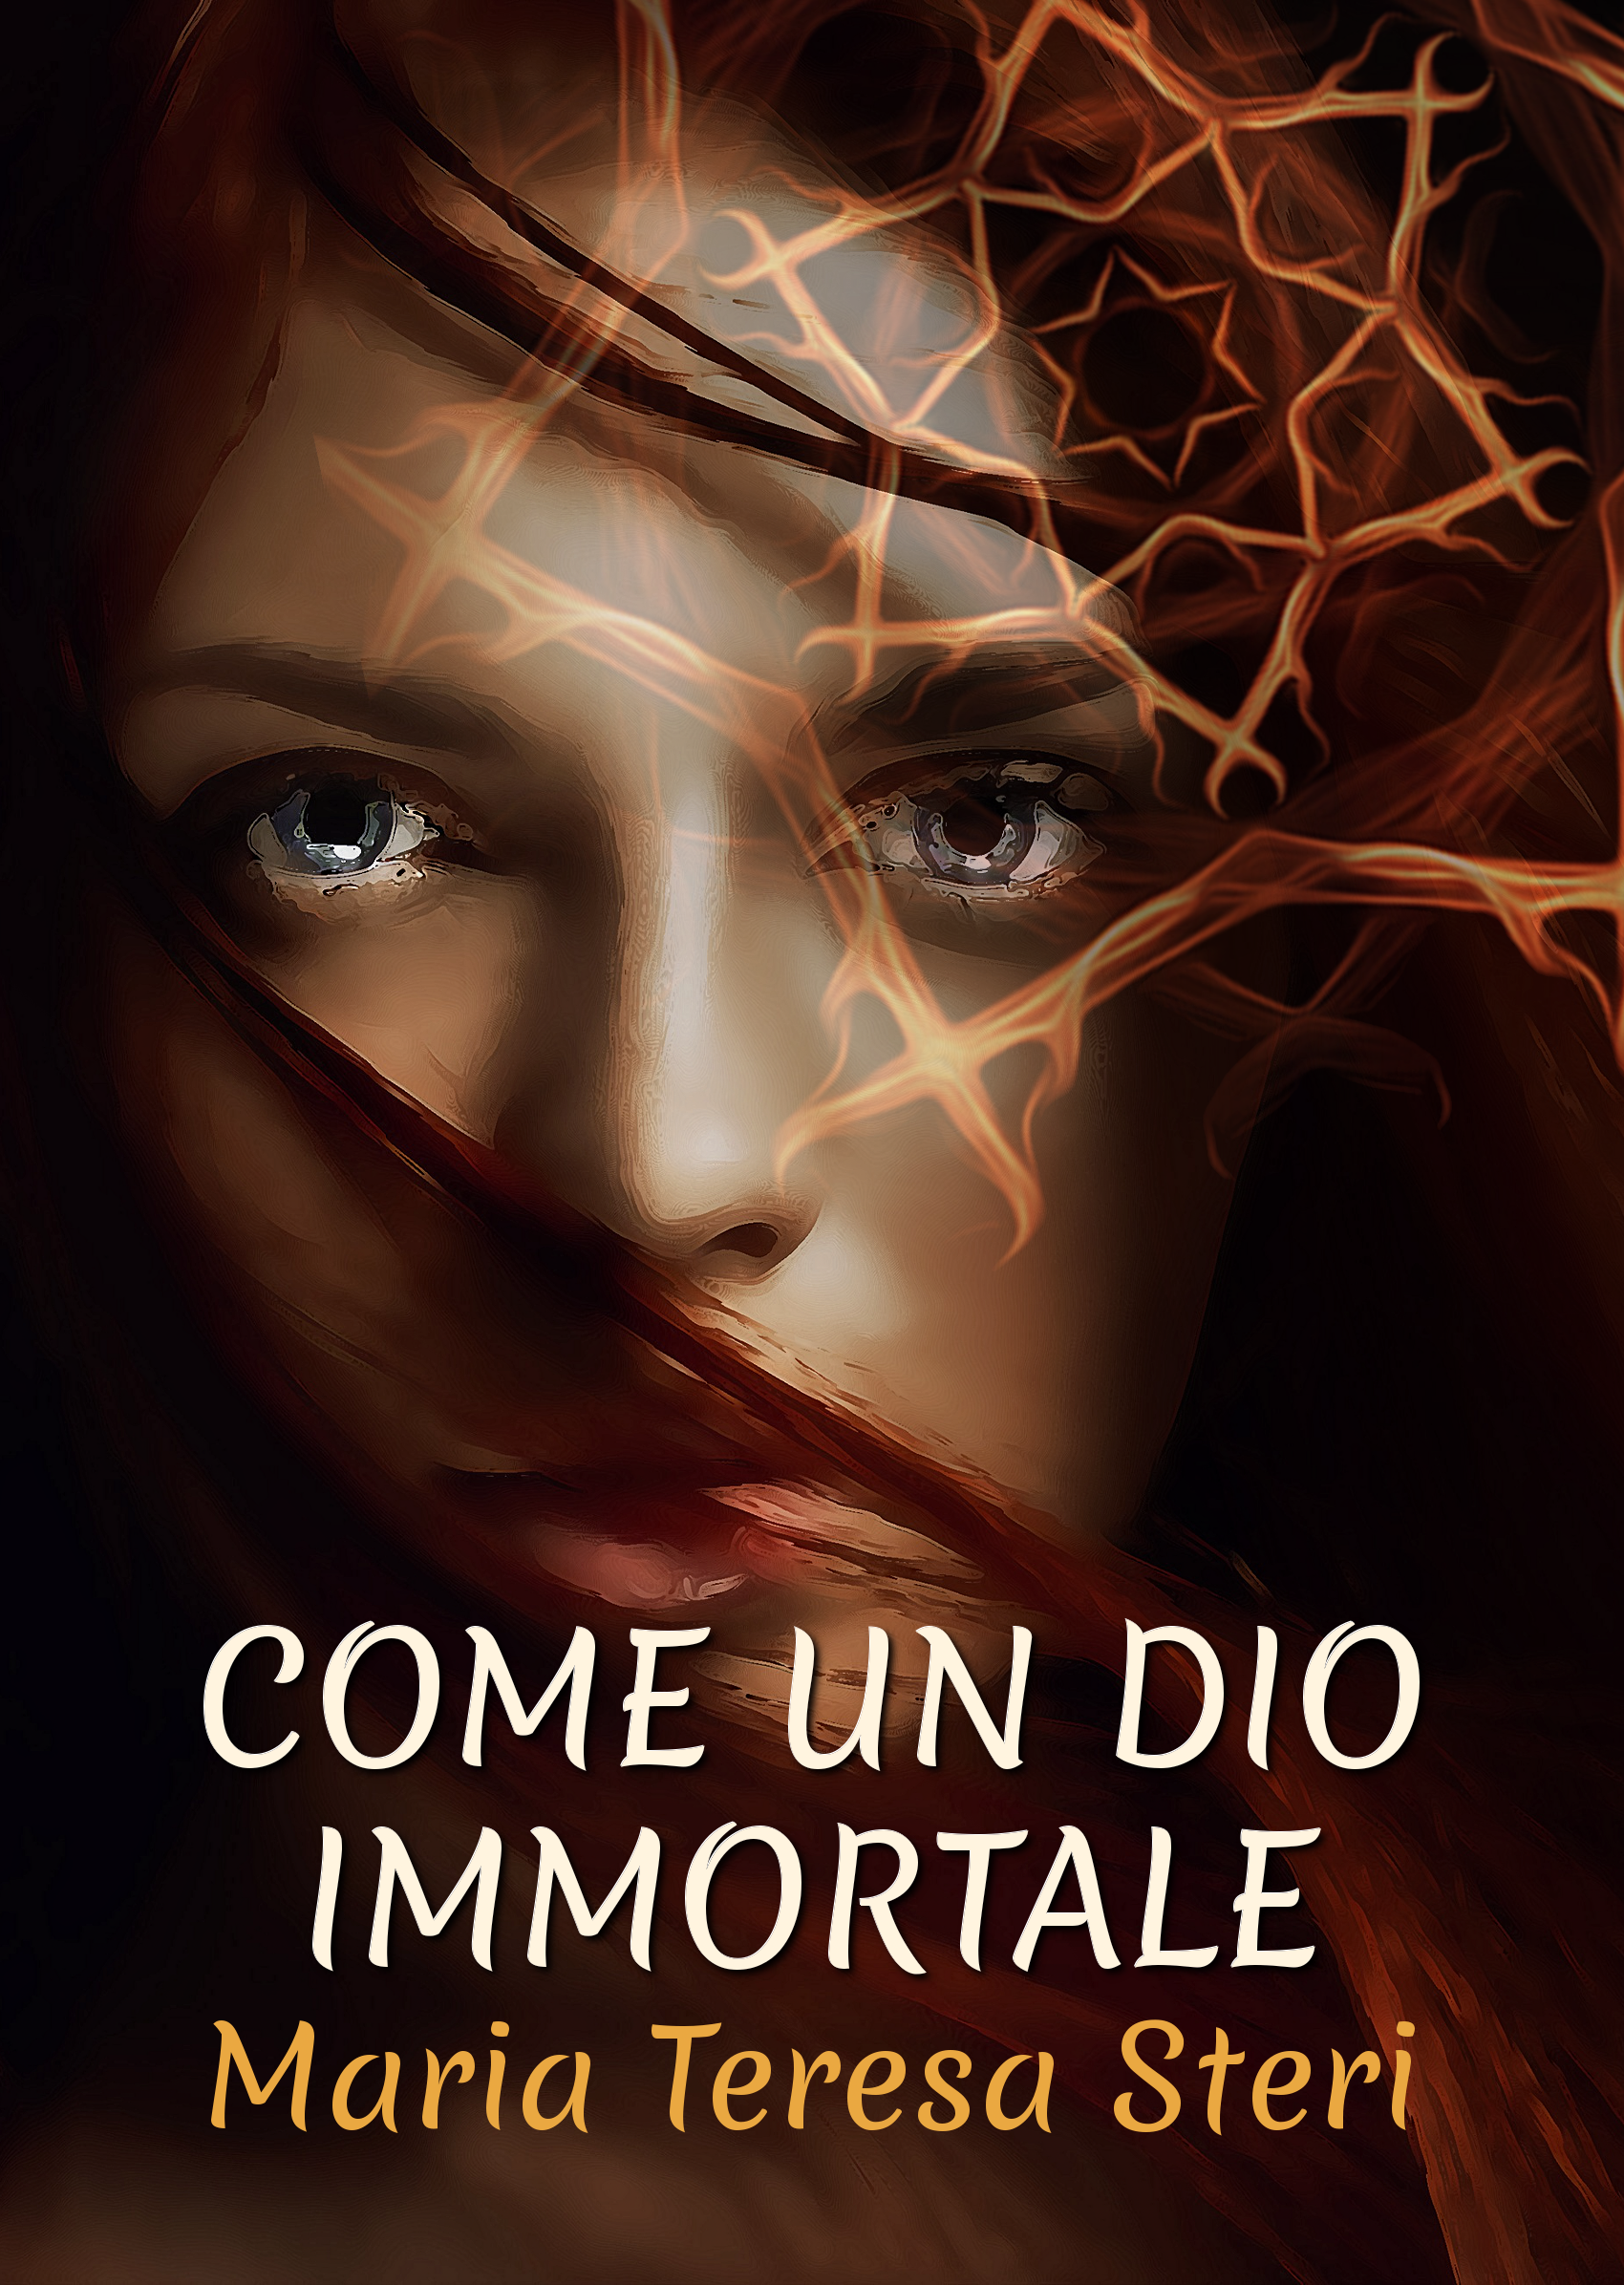 come un dio immortale cover | Guide Self Publishing e scrittura online - Storia Continua